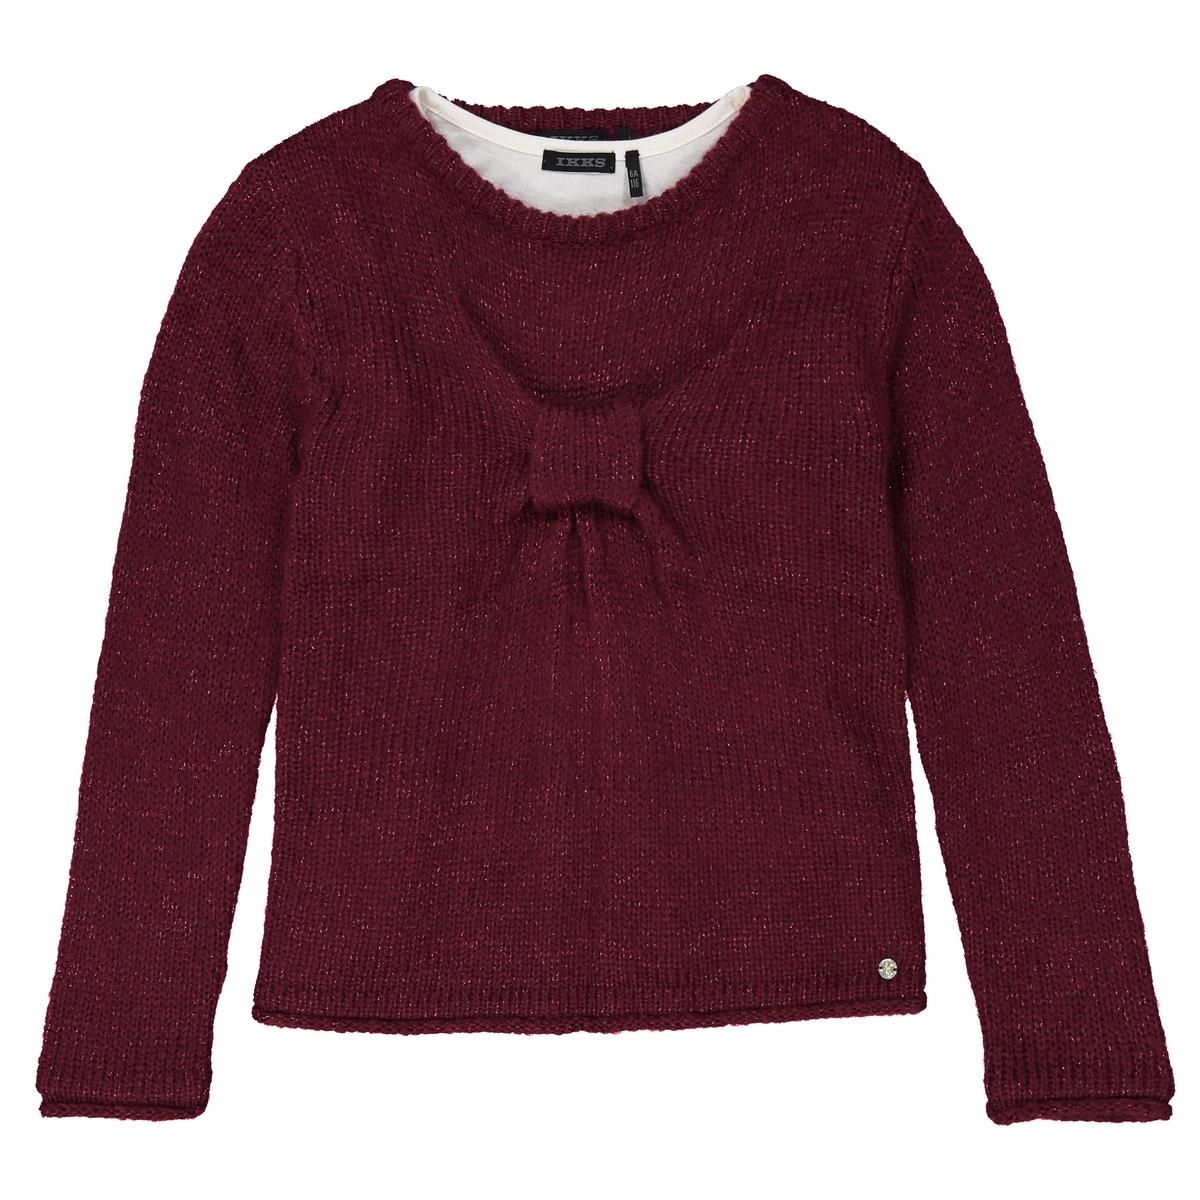 Пуловер с эффектом 2 в 1, 3-14 лет